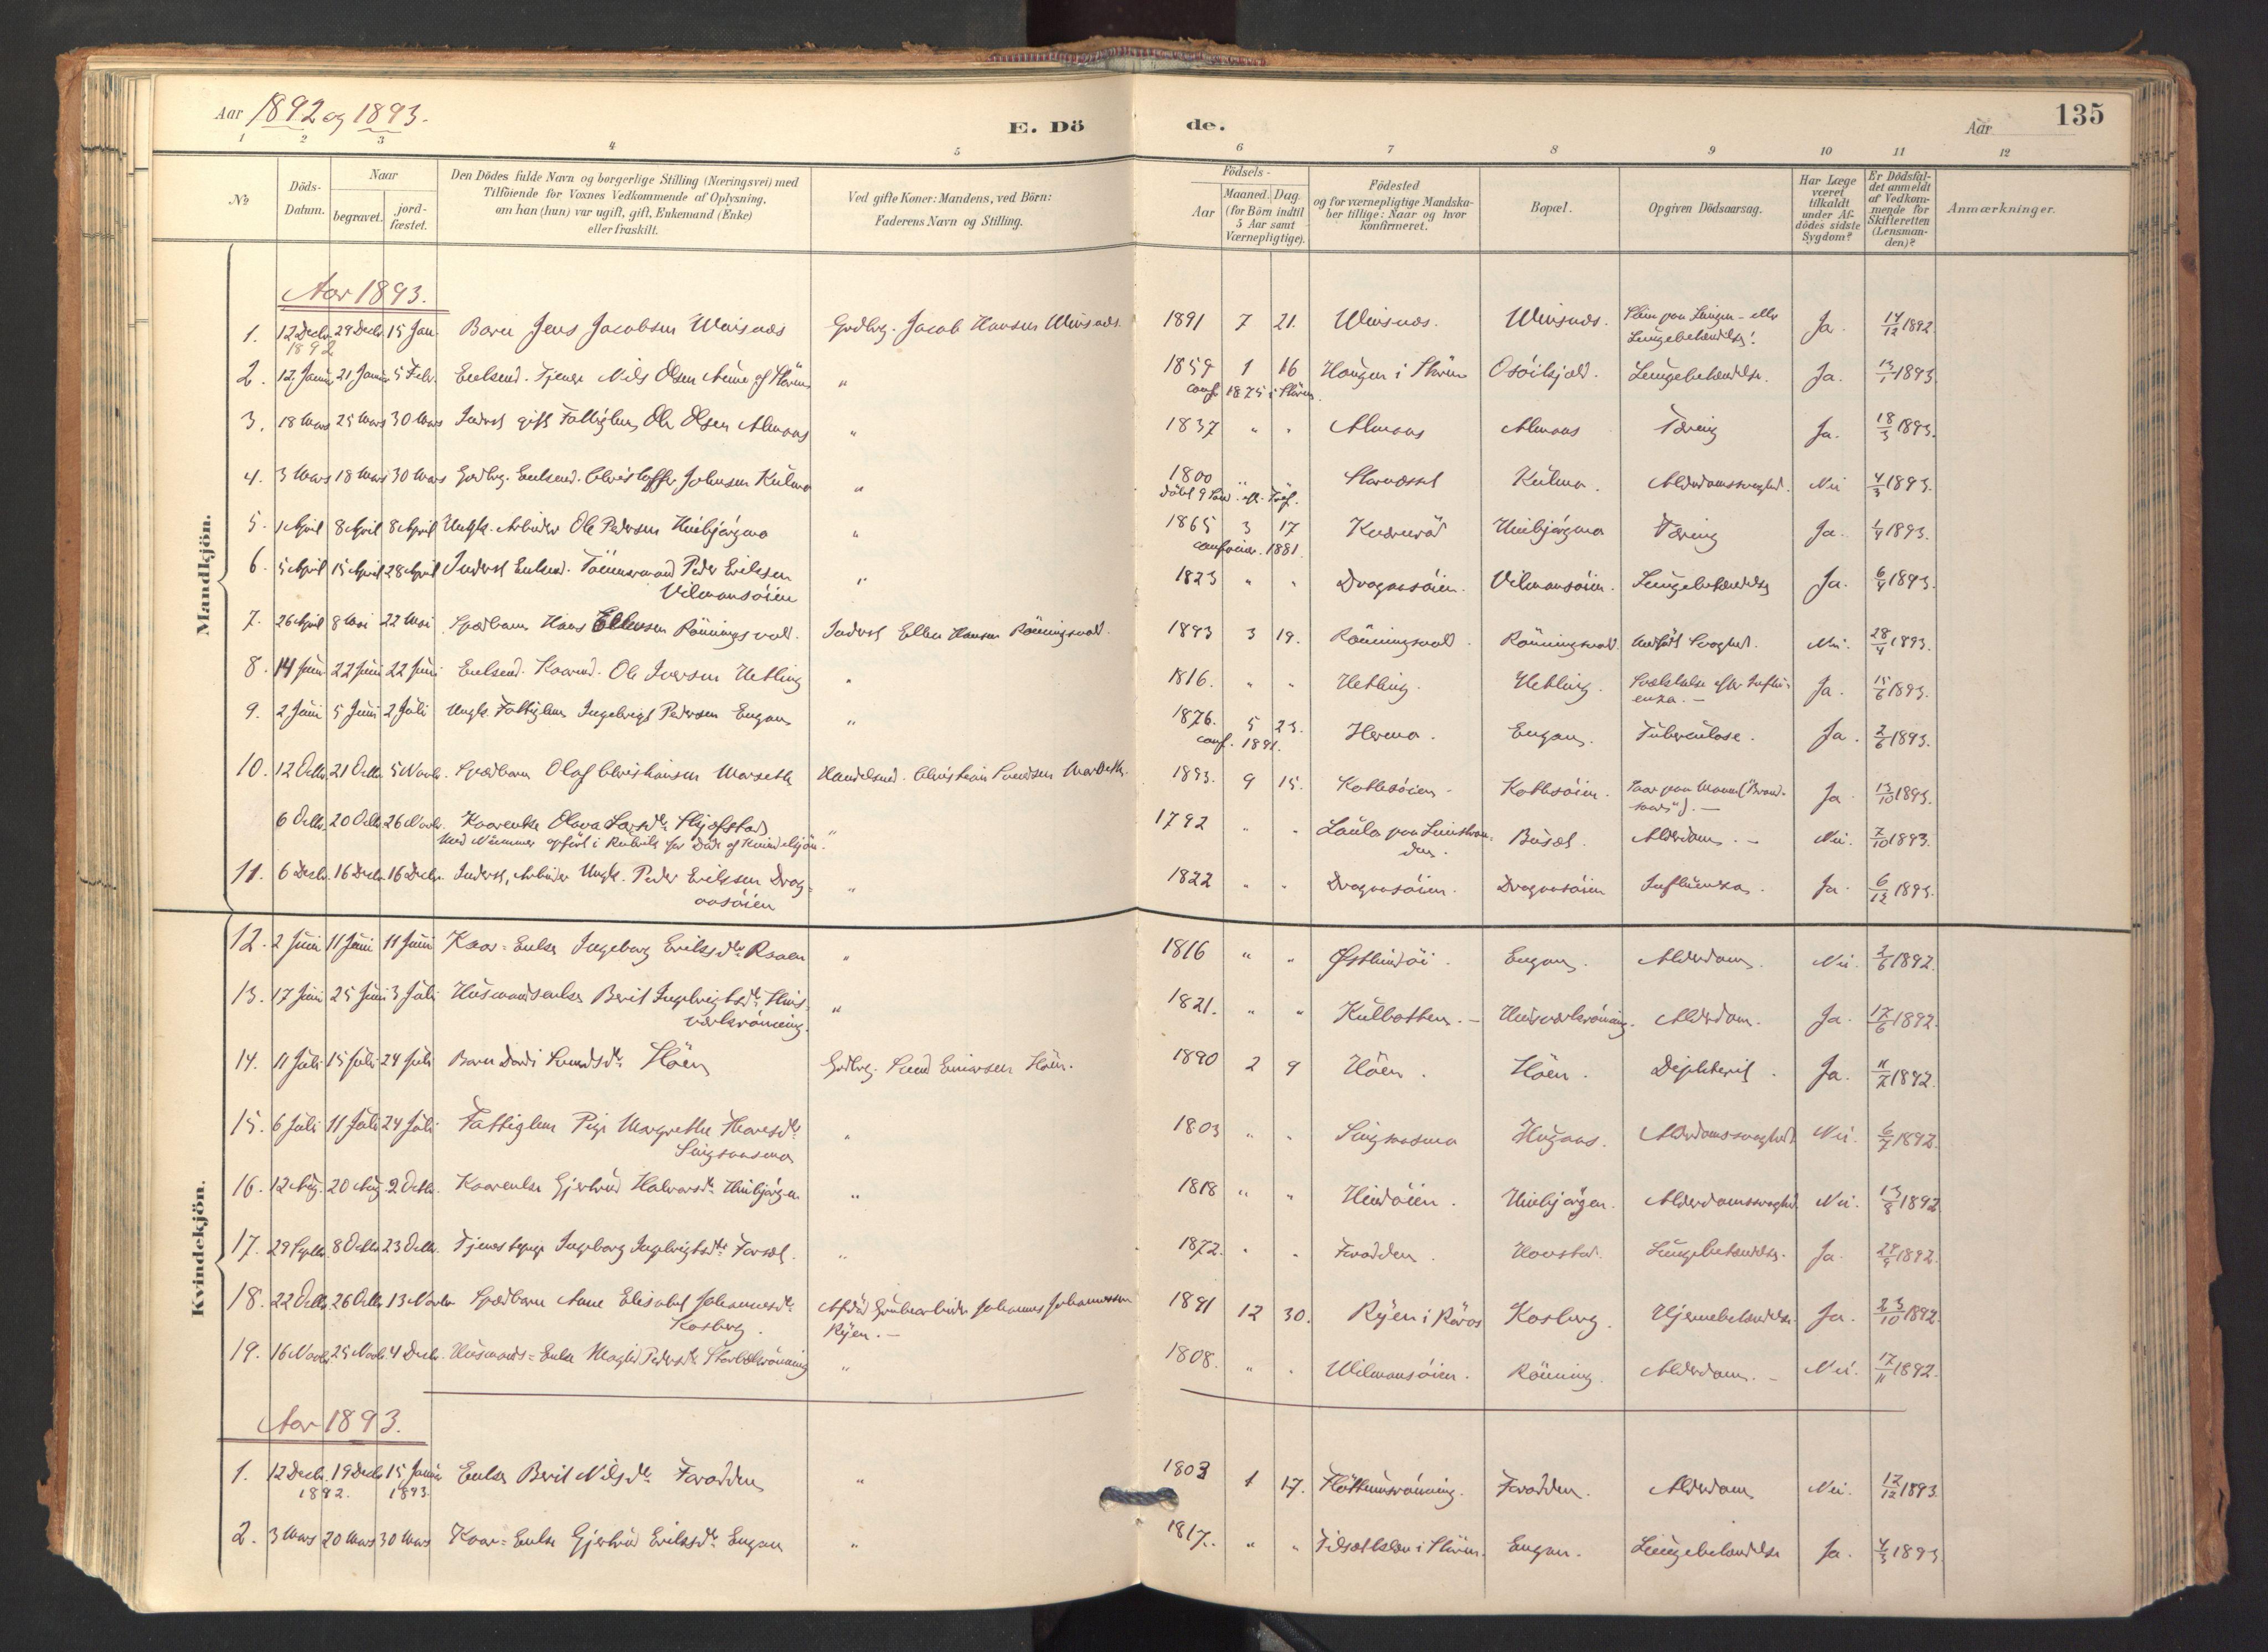 SAT, Ministerialprotokoller, klokkerbøker og fødselsregistre - Sør-Trøndelag, 688/L1025: Ministerialbok nr. 688A02, 1891-1909, s. 135